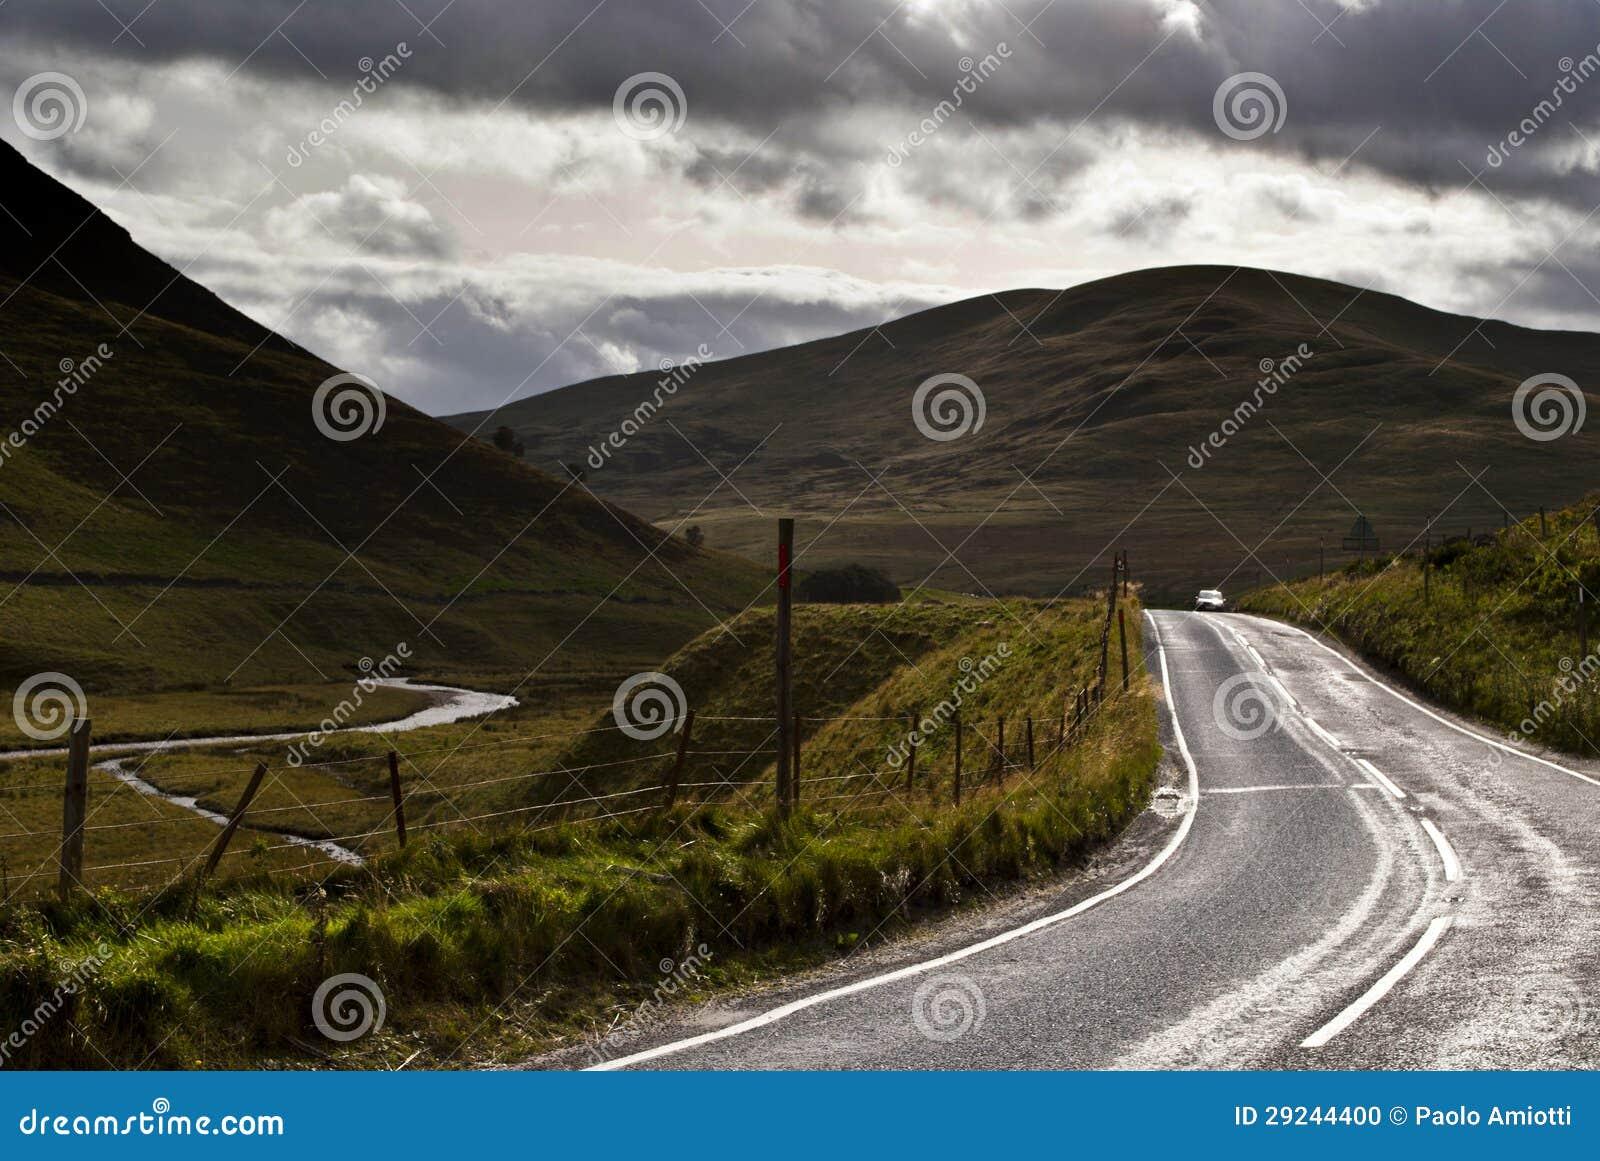 Download Estrada foto de stock. Imagem de montagem, tempestade - 29244400